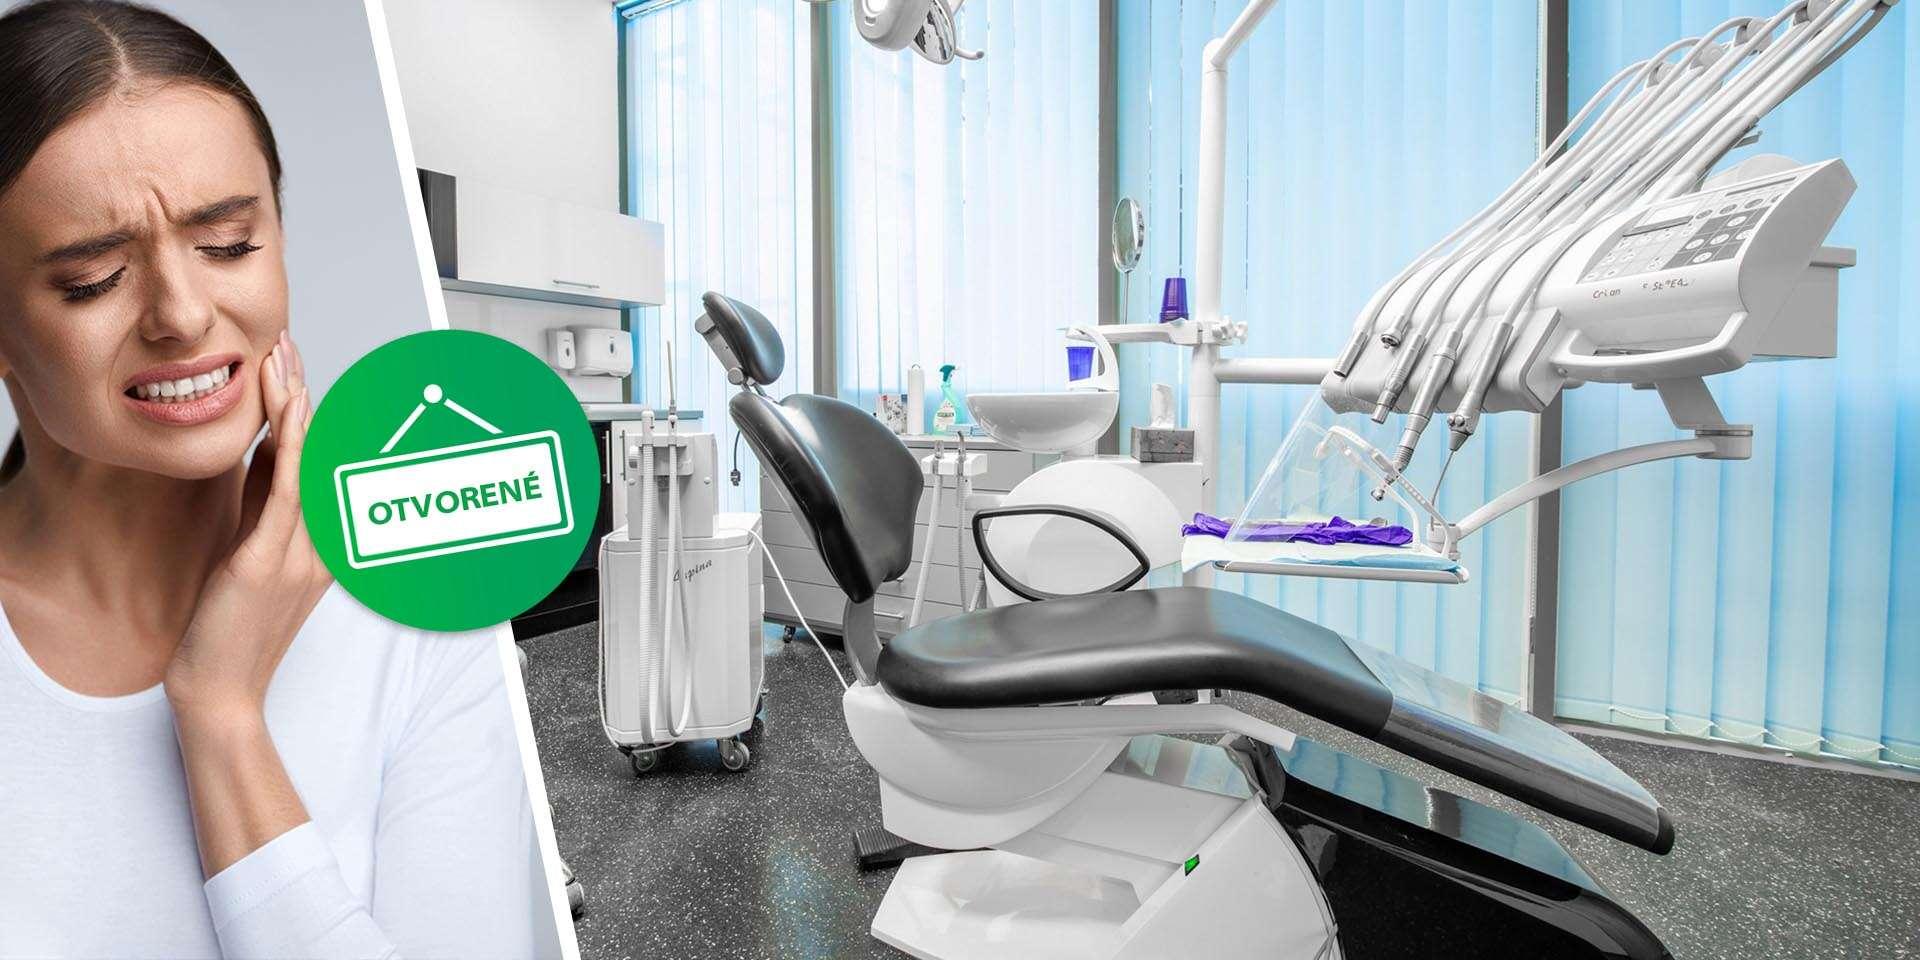 Zubná pohotovosť Vienna Dental Clinic – zľava 10 % na všetky úkony